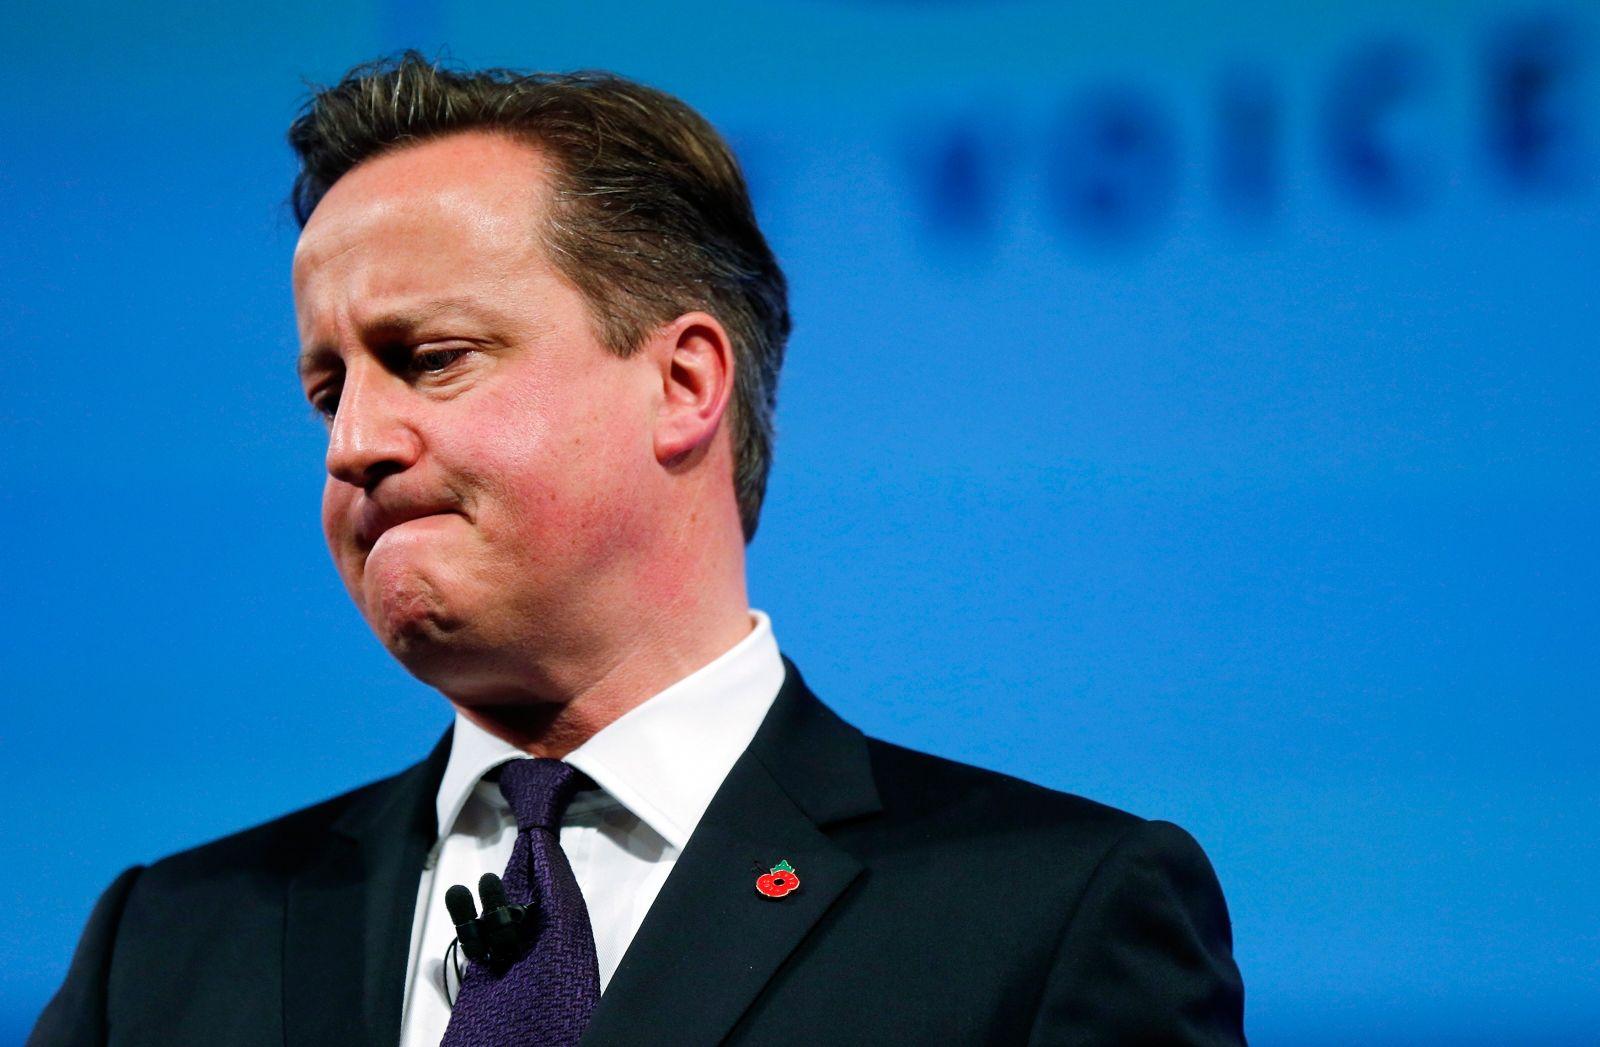 #PanamaPapers: Cameron reconoció que tuvo acciones de un fondo offshore